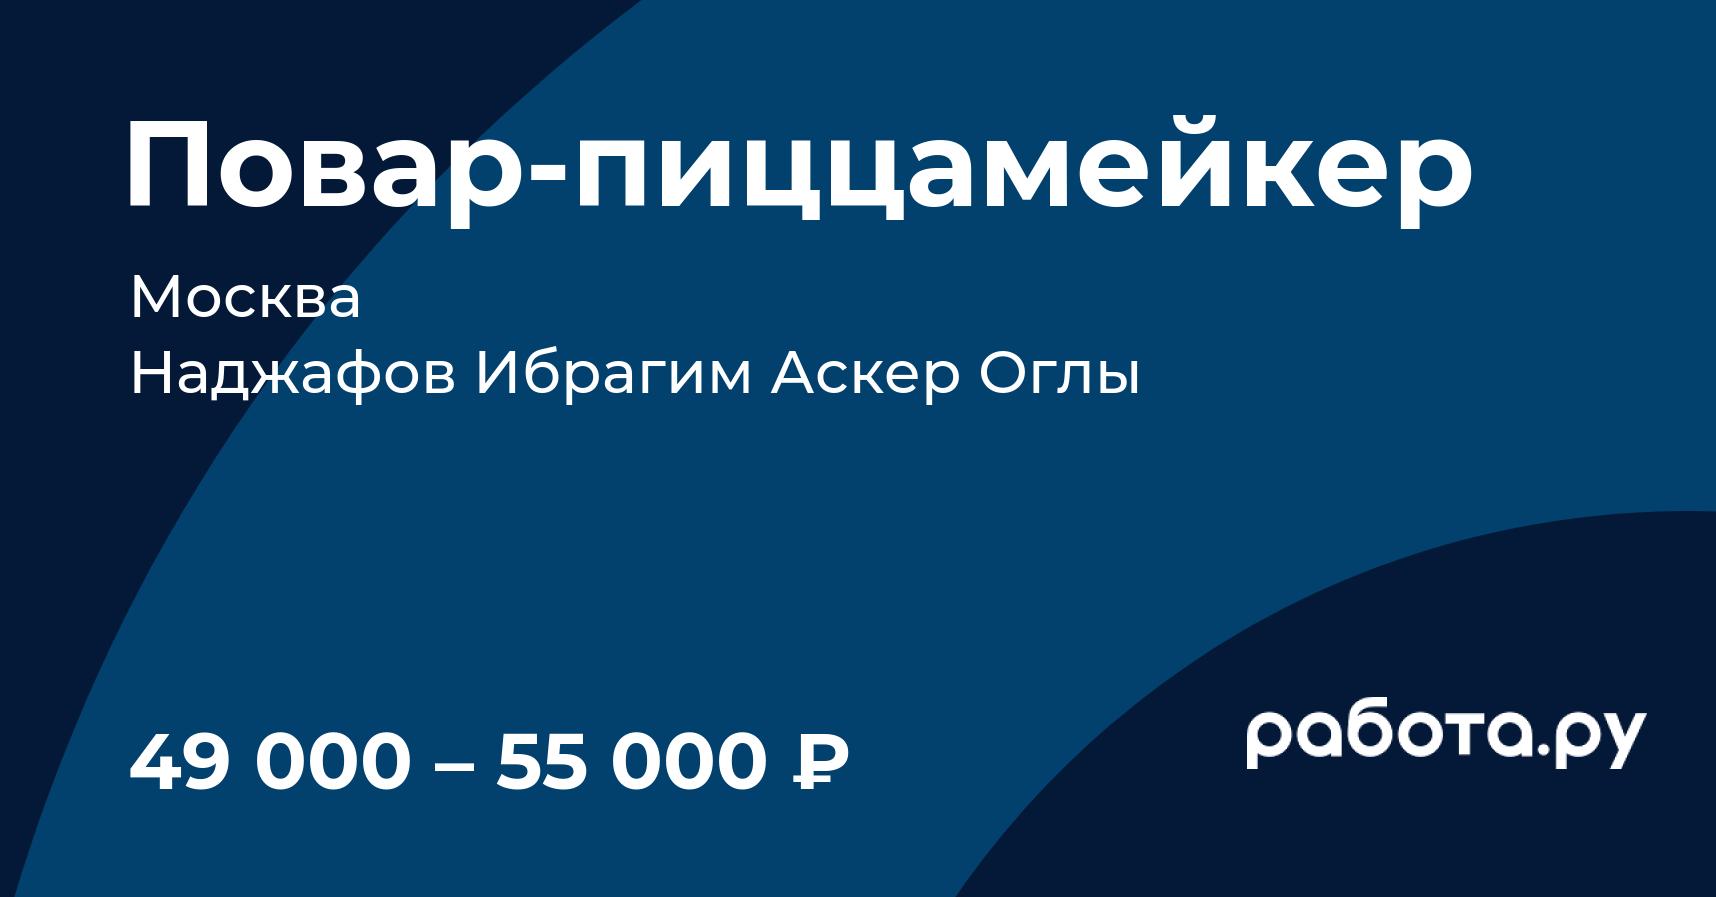 Вакансия Повар-пиццамейкер в Москве с зарплатой 55 000 руб